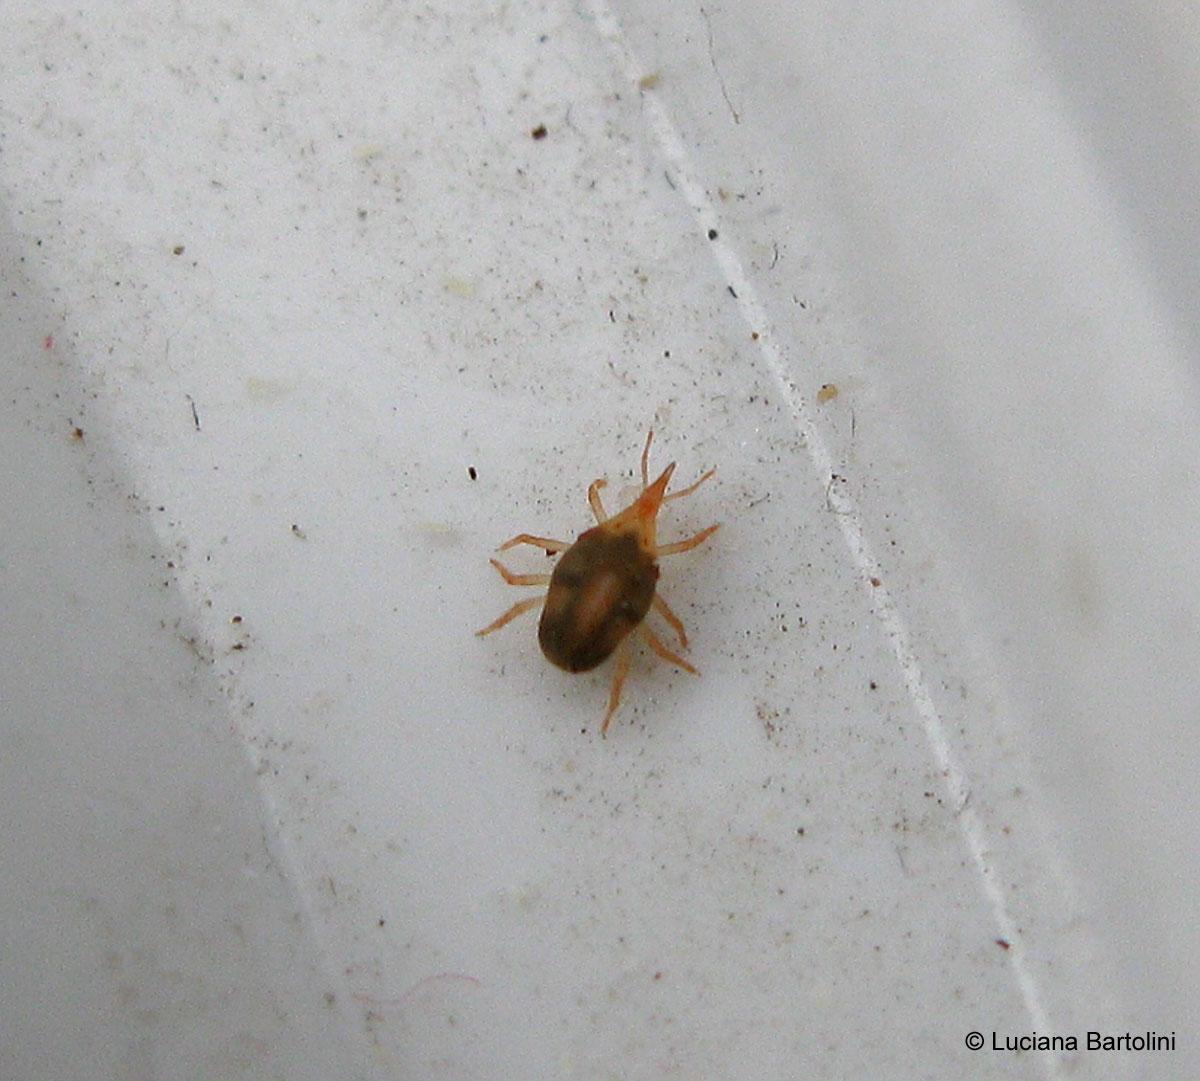 Gli aracnidi alla classe arachnida appartengono gli acari zecche scorpioni pseudoscorpioni e - Acari nel letto ...